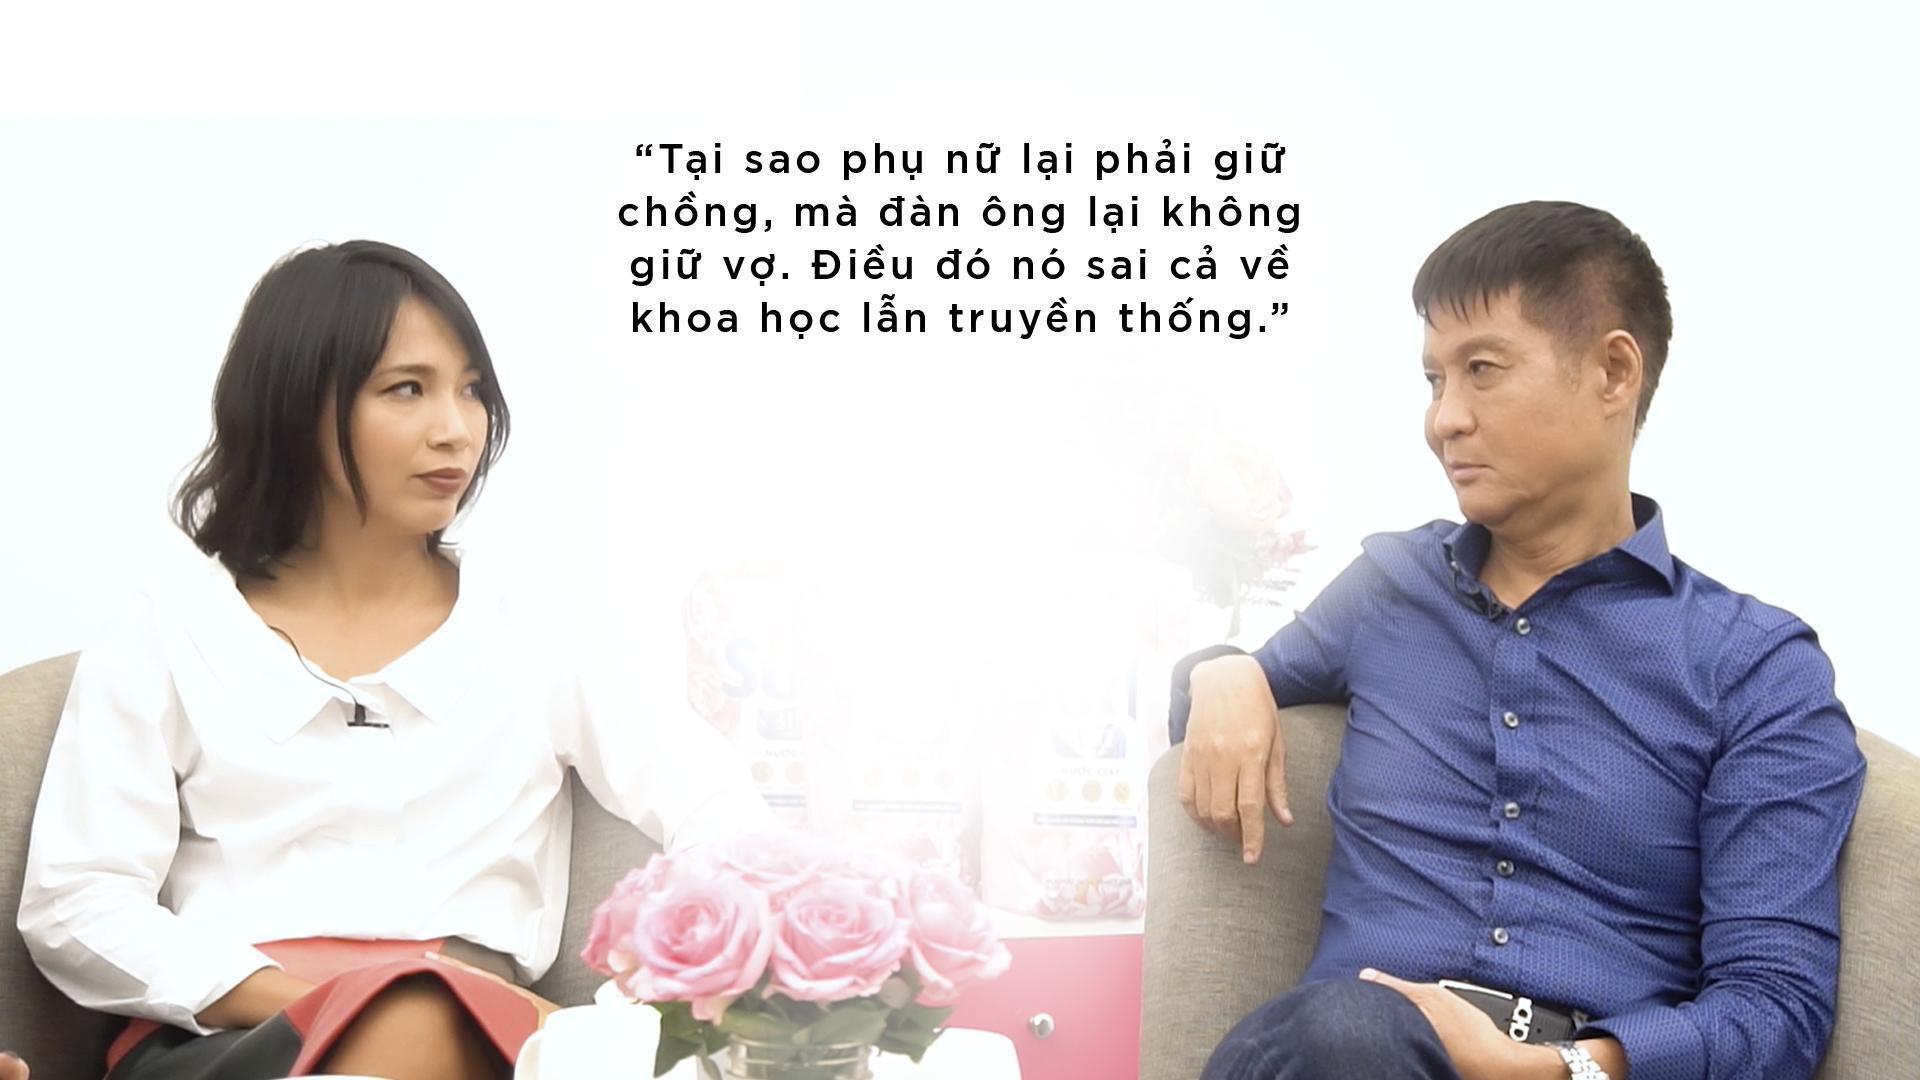 """Bất ngờ trước hình ảnh """"người chồng hoàn hảo"""" của Lê Hoàng, Trác Thúy Miêu không khỏi nghi ngờ và thẳng thừng chất vấn - Ảnh 4."""